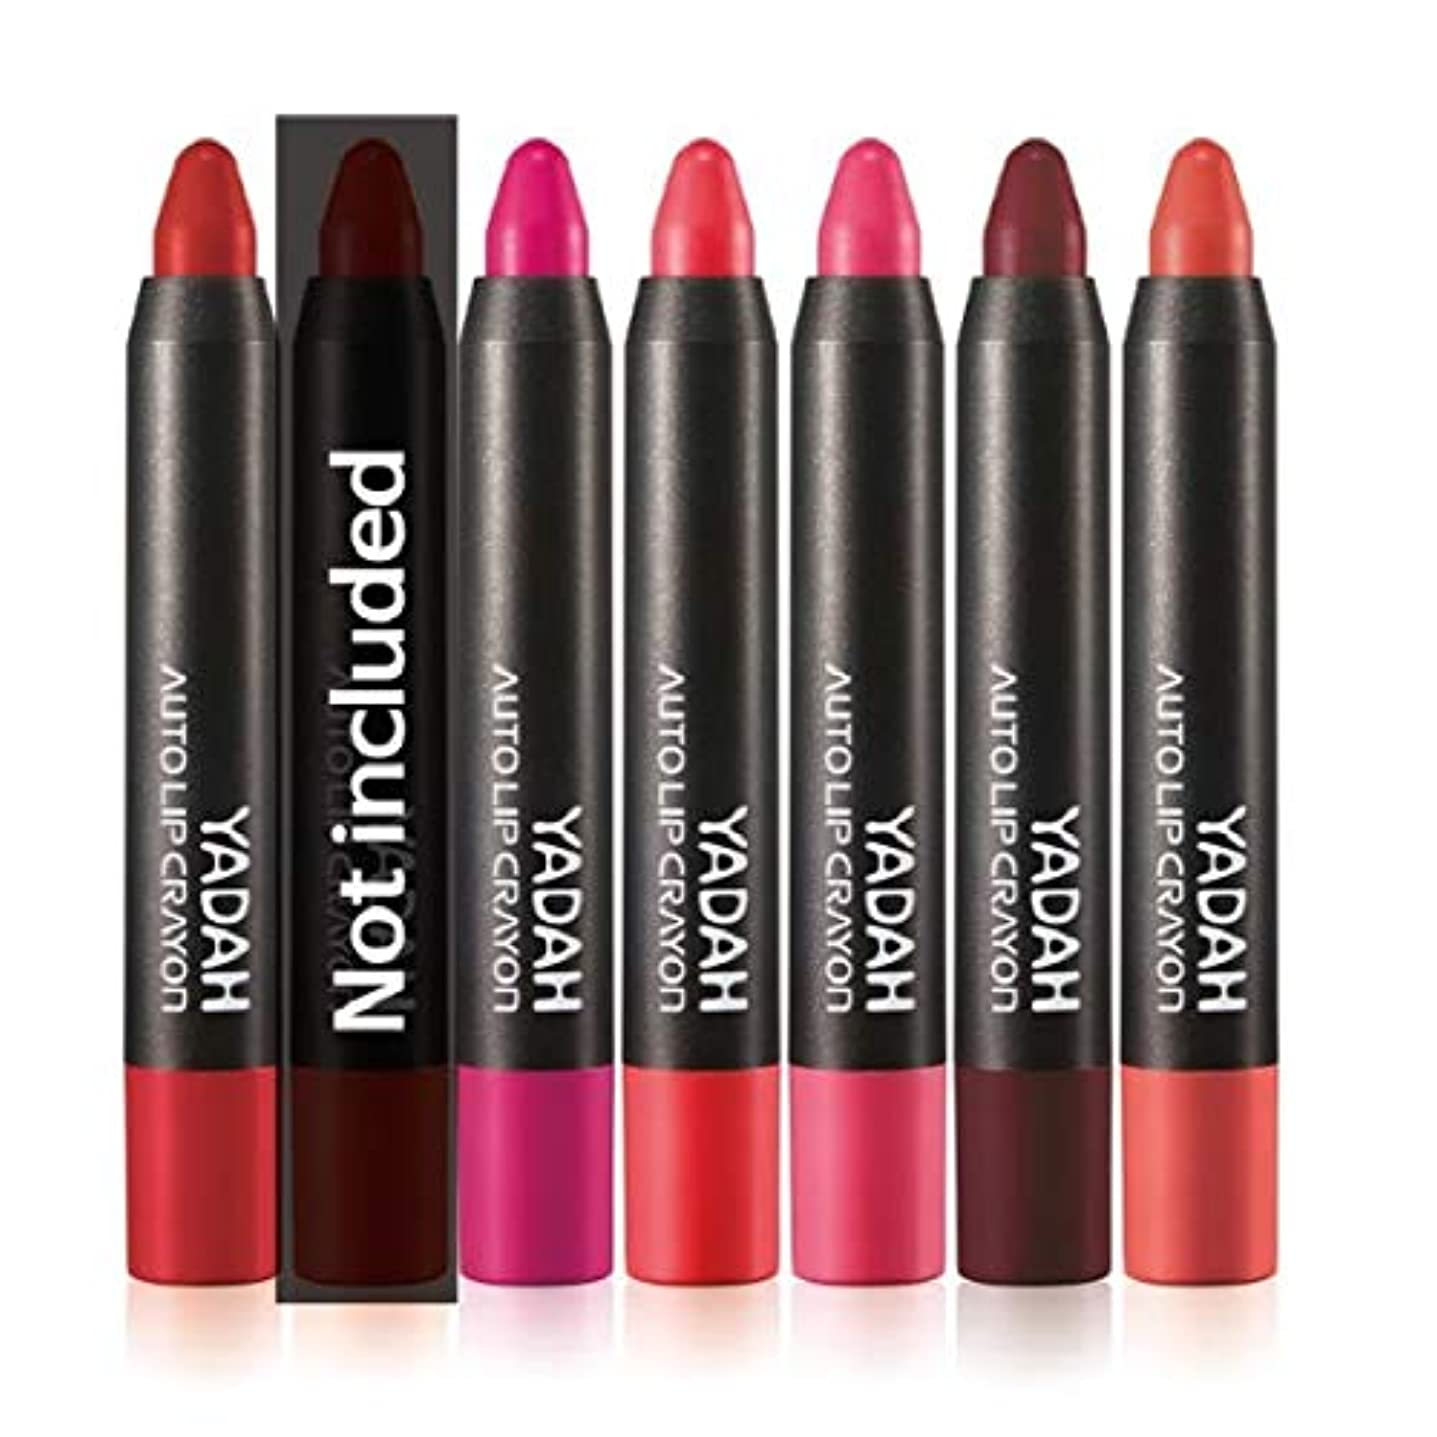 実験リスクアルファベット順YADAH Auto Lip Crayon #01 Dazzling Red 2.5g オートリップクレヨン - 2.5g[並行輸入品]